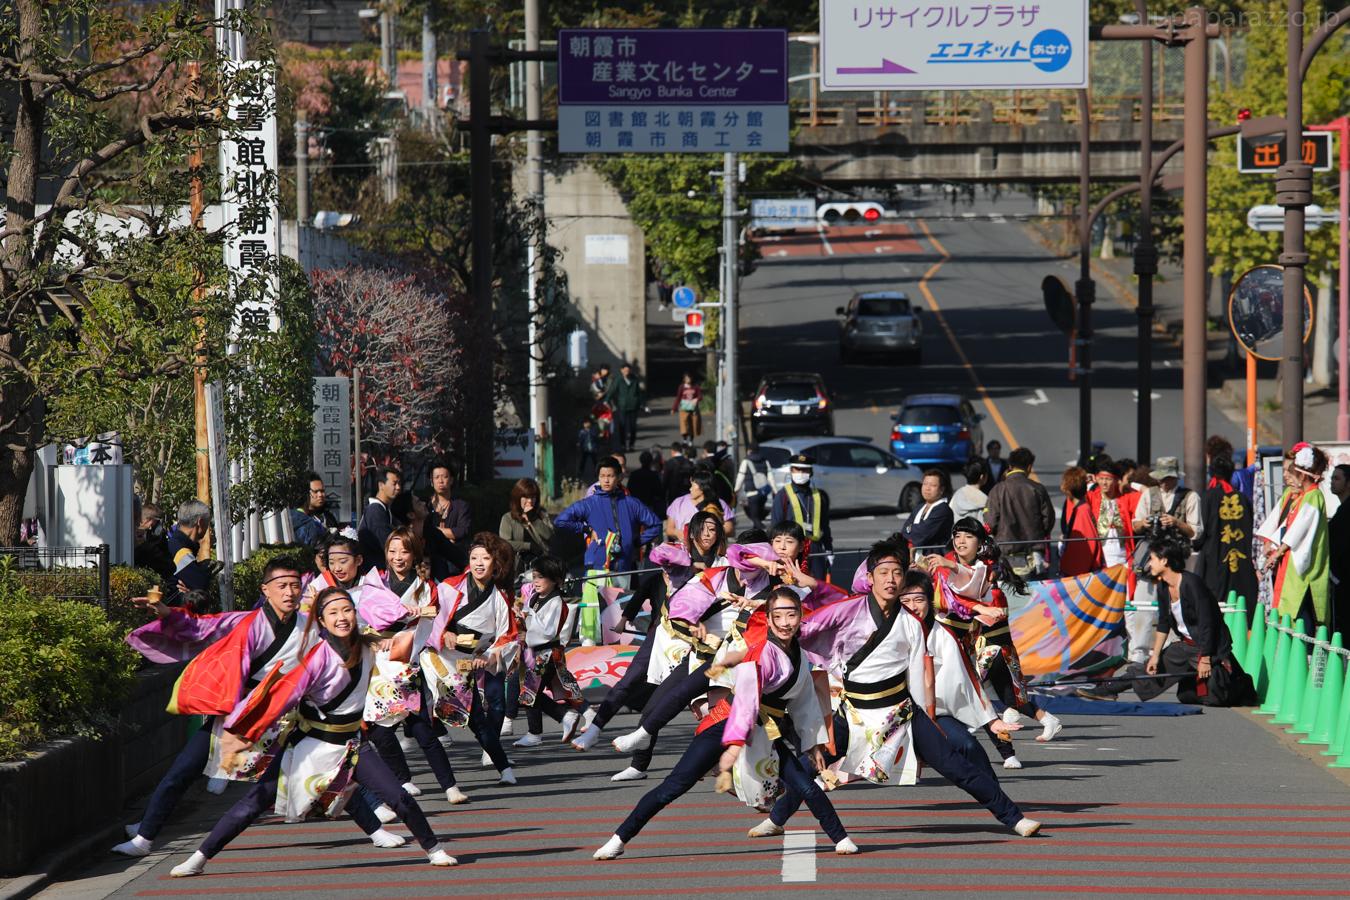 kabuki2016ran_oyachai-7.jpg